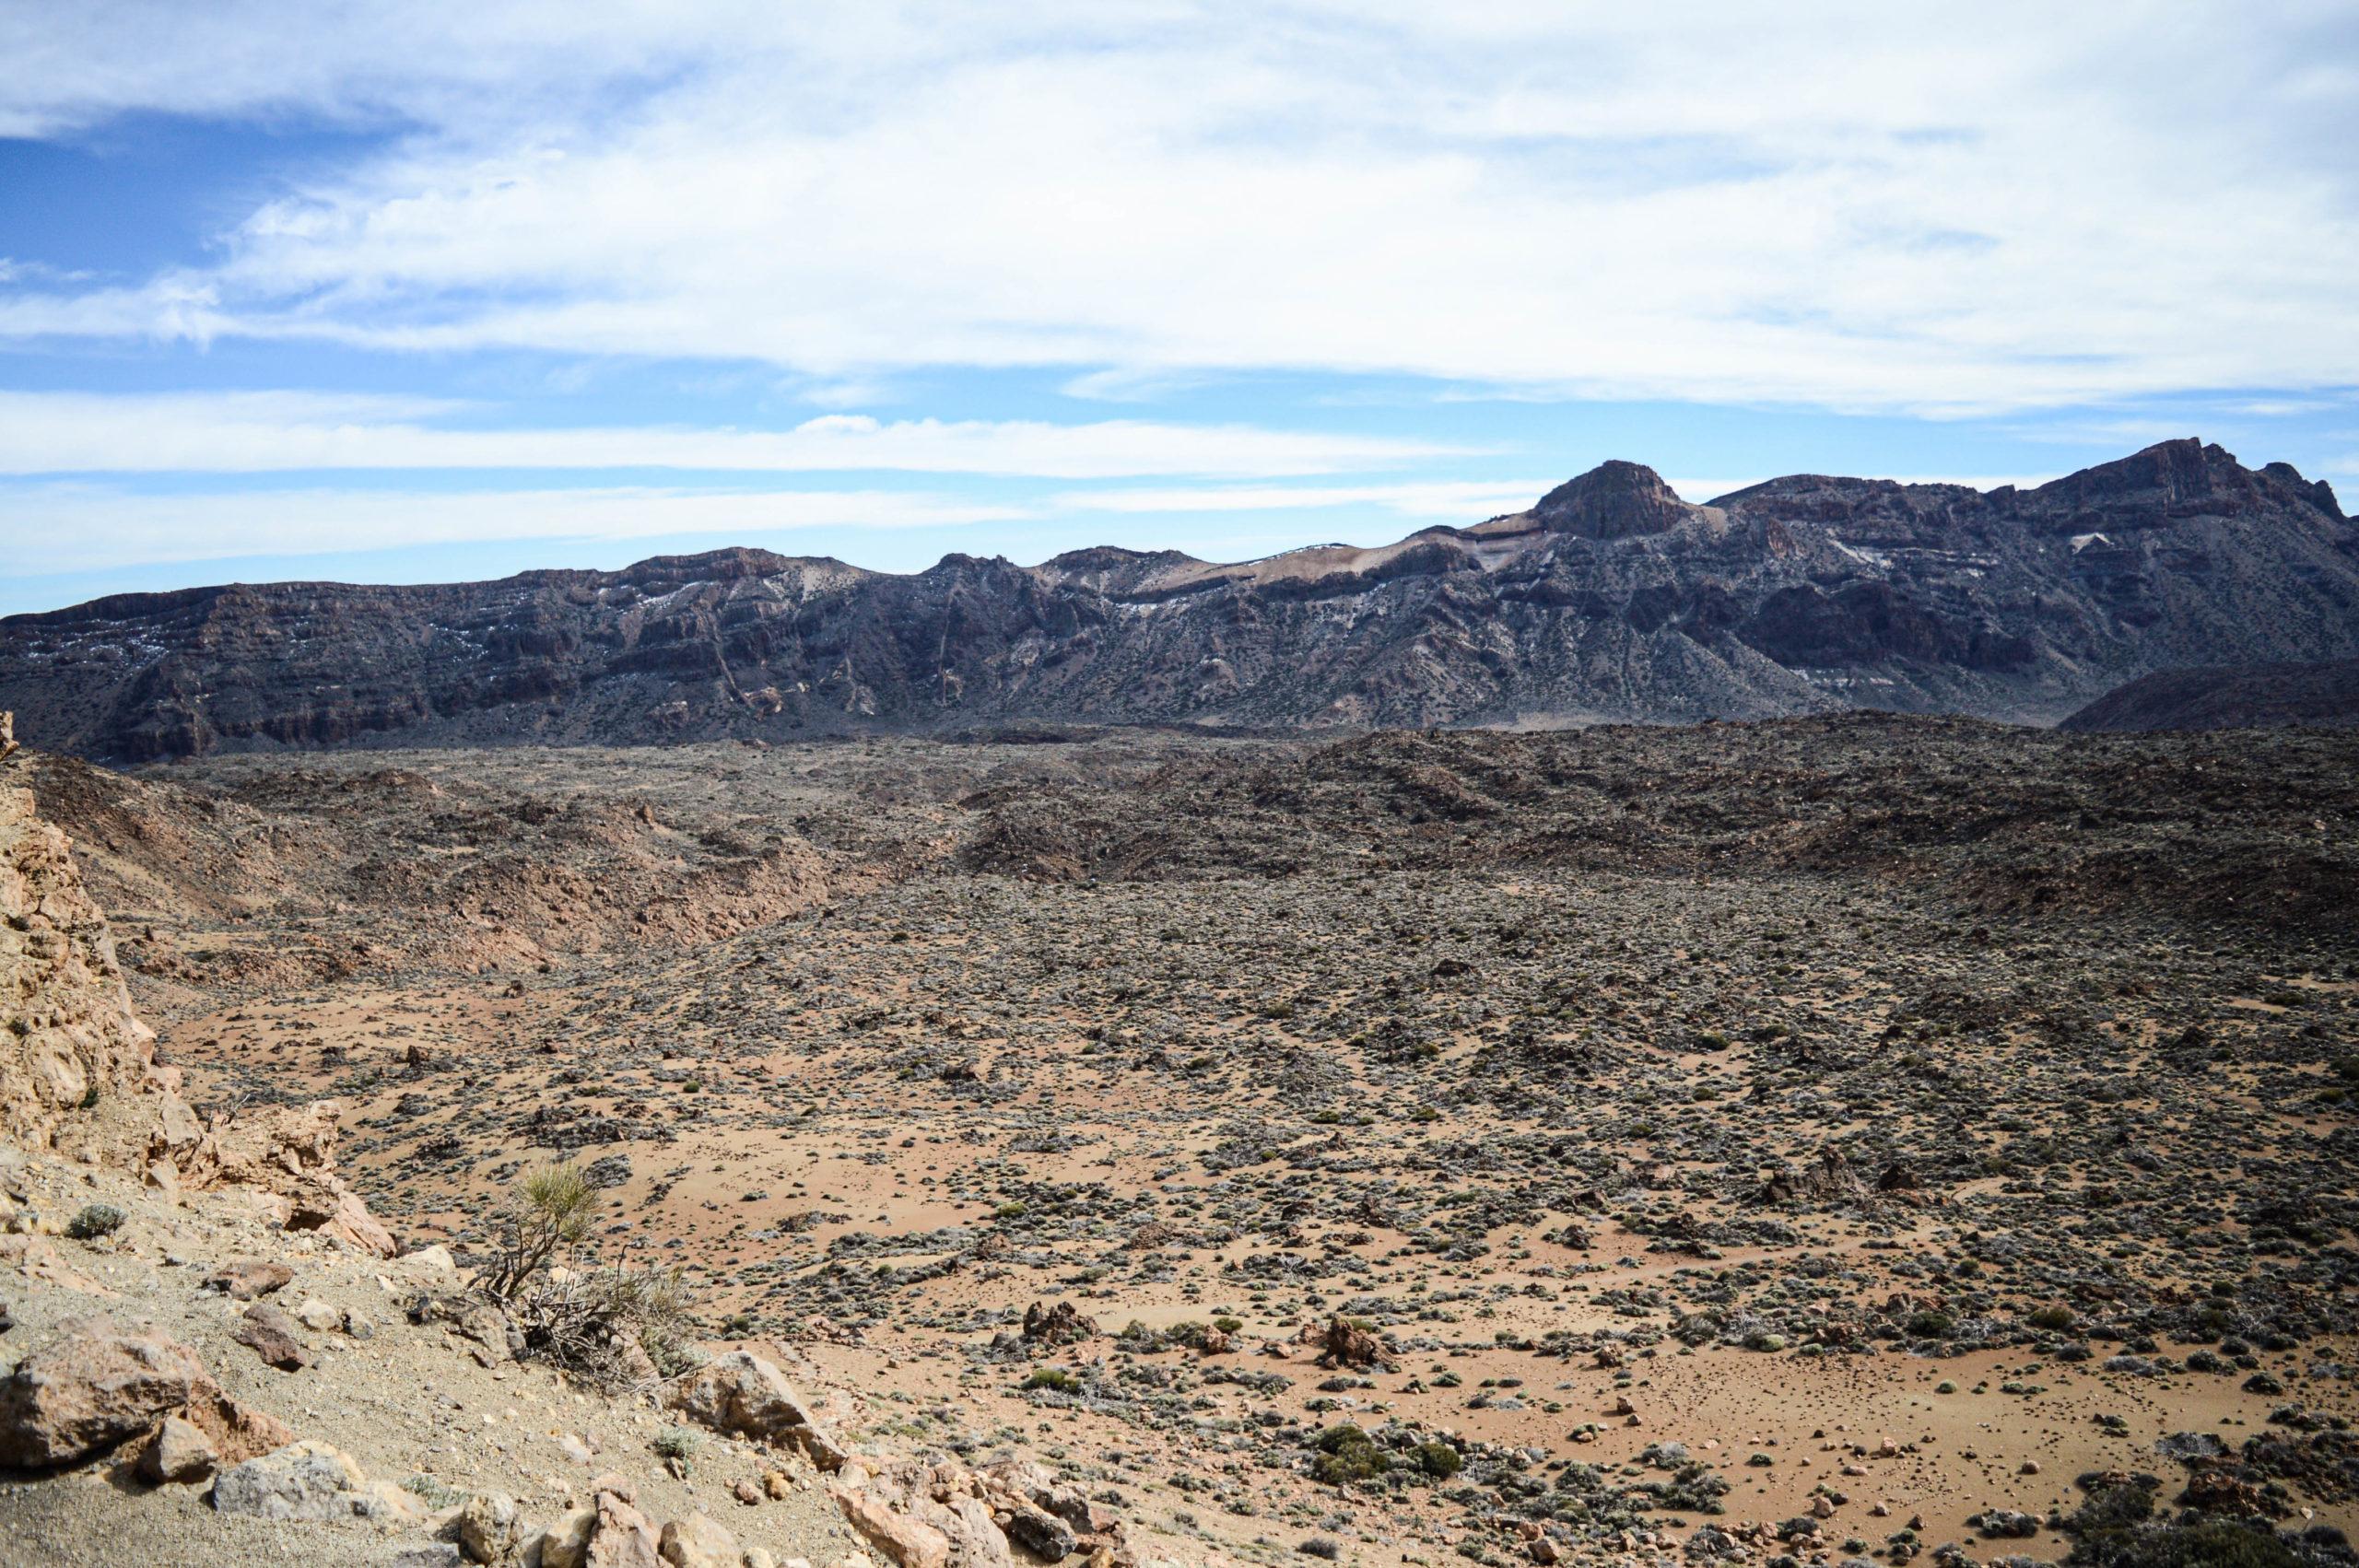 visiter les canaries pour ses paysages désertiques et lunaires